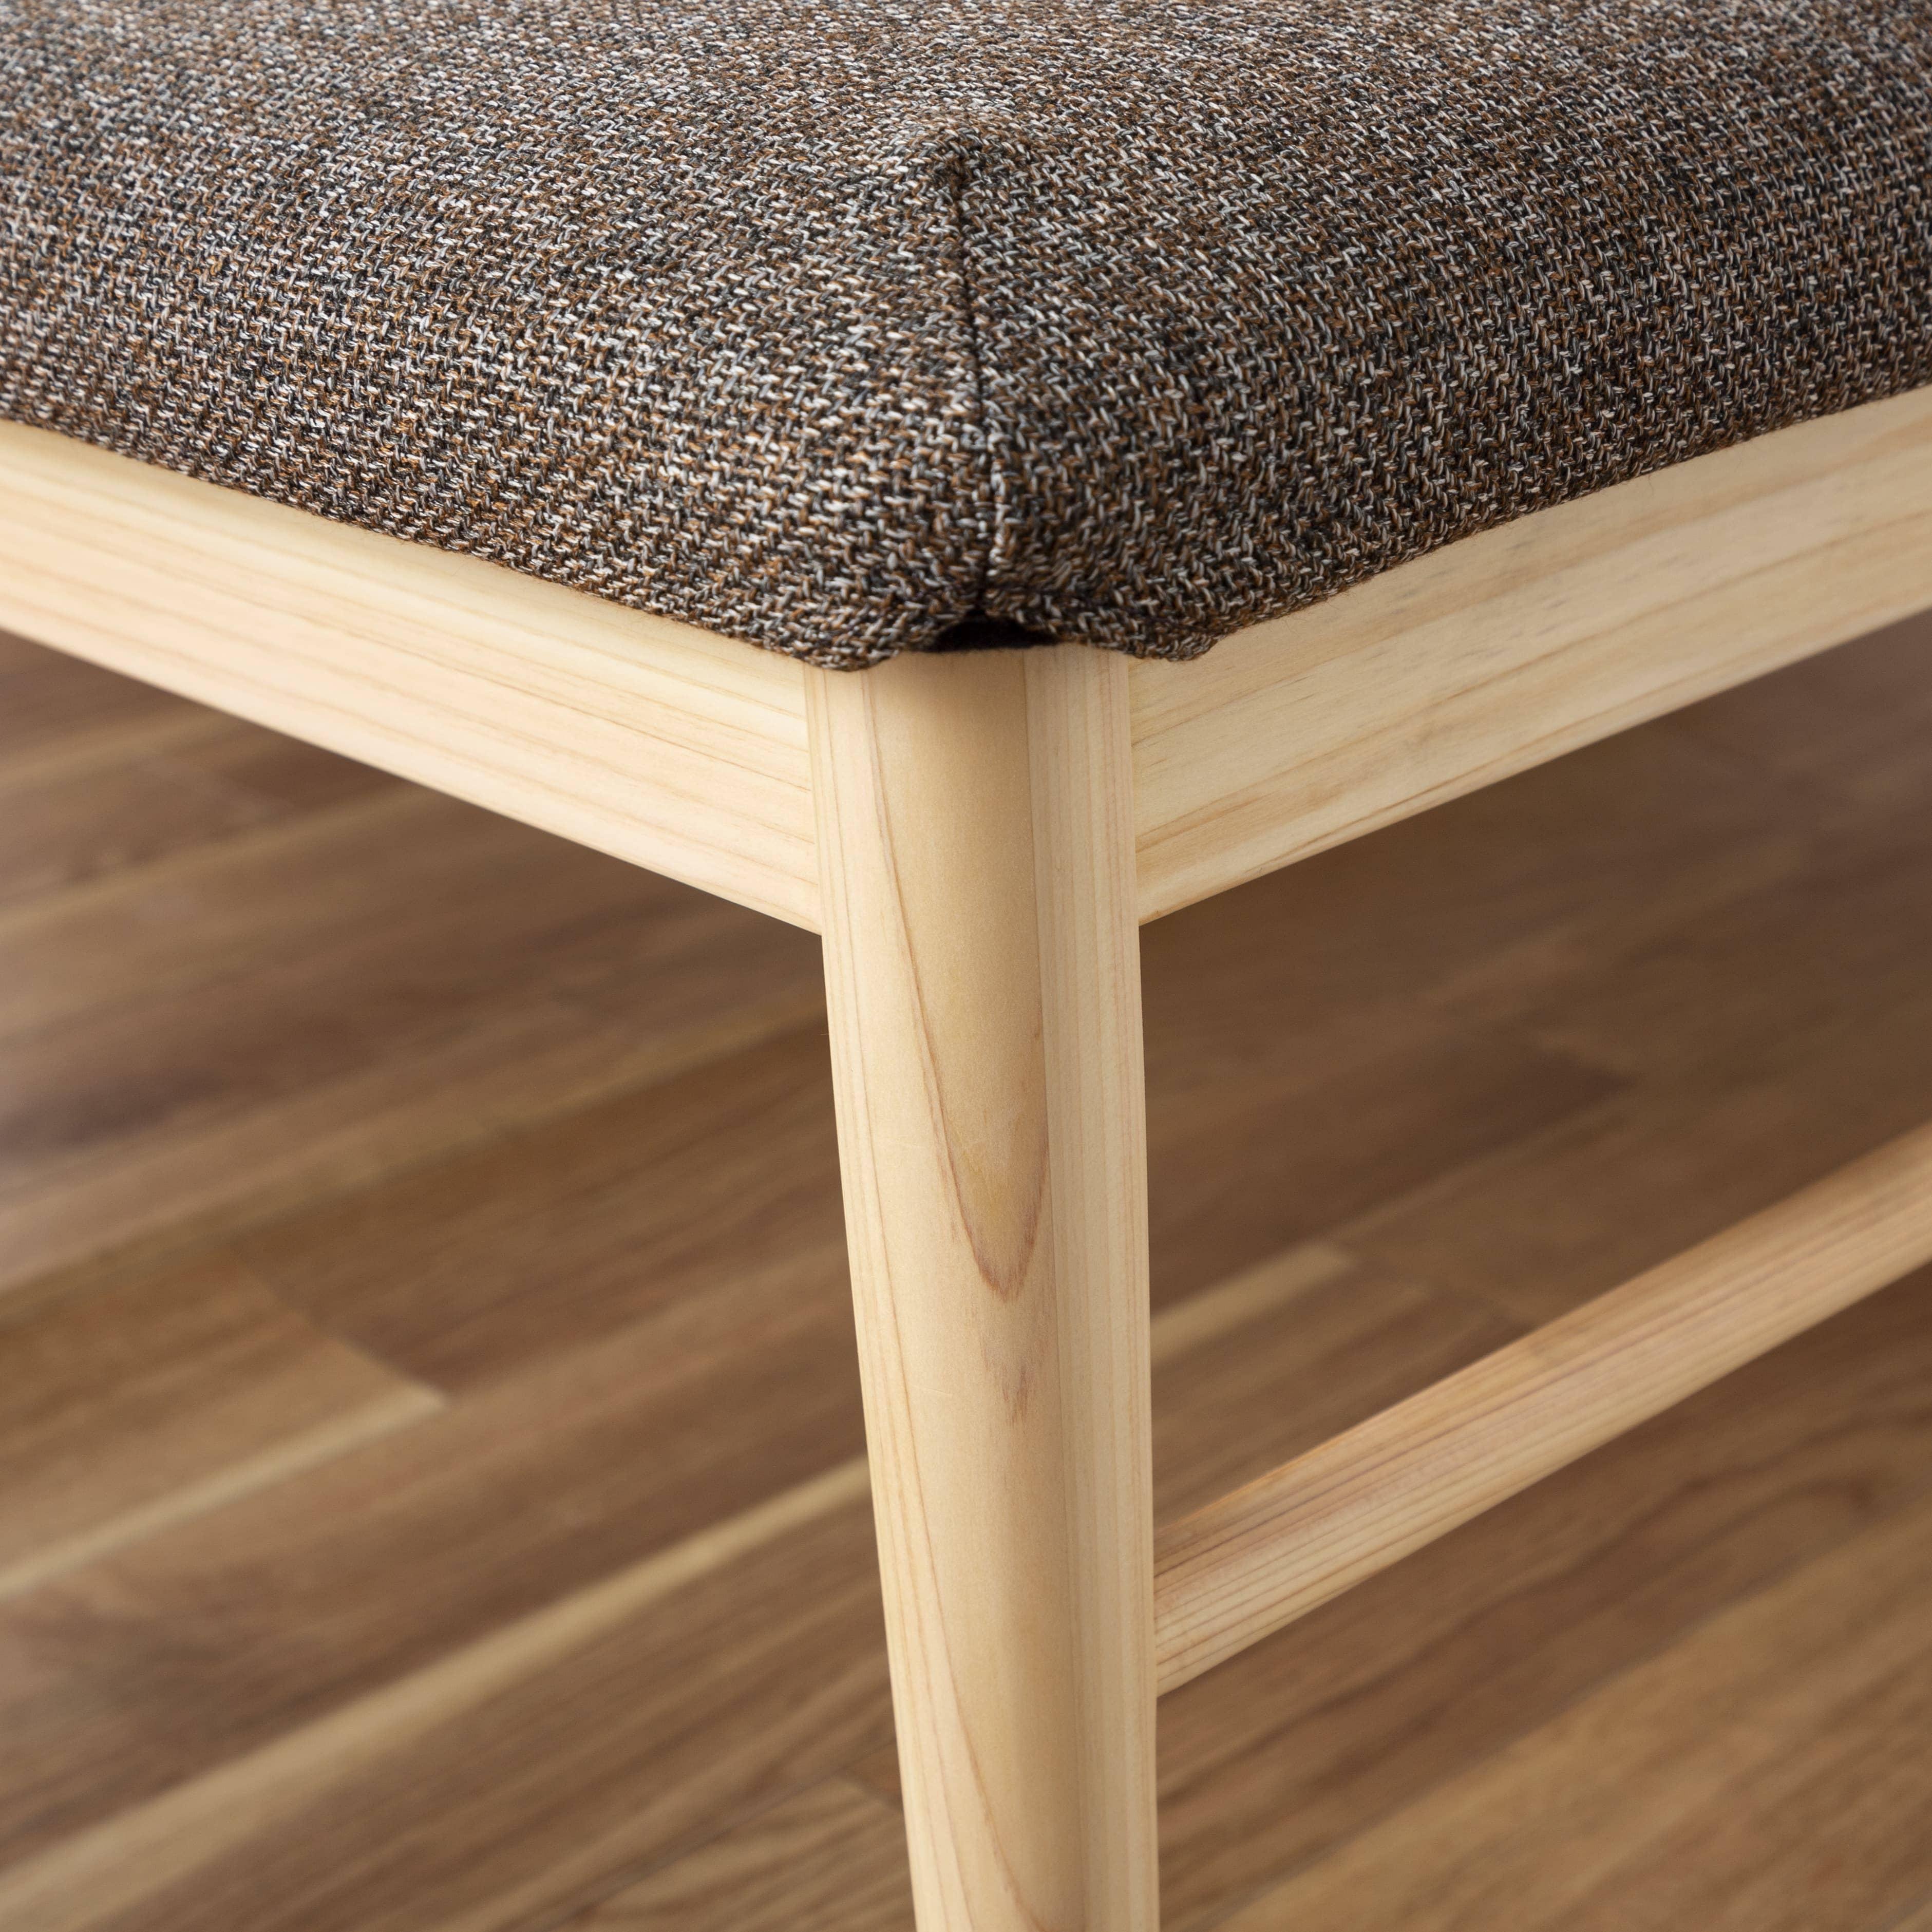 ベンチ 柚110ベンチ MBR/GRE:長く付き合えるベンチに